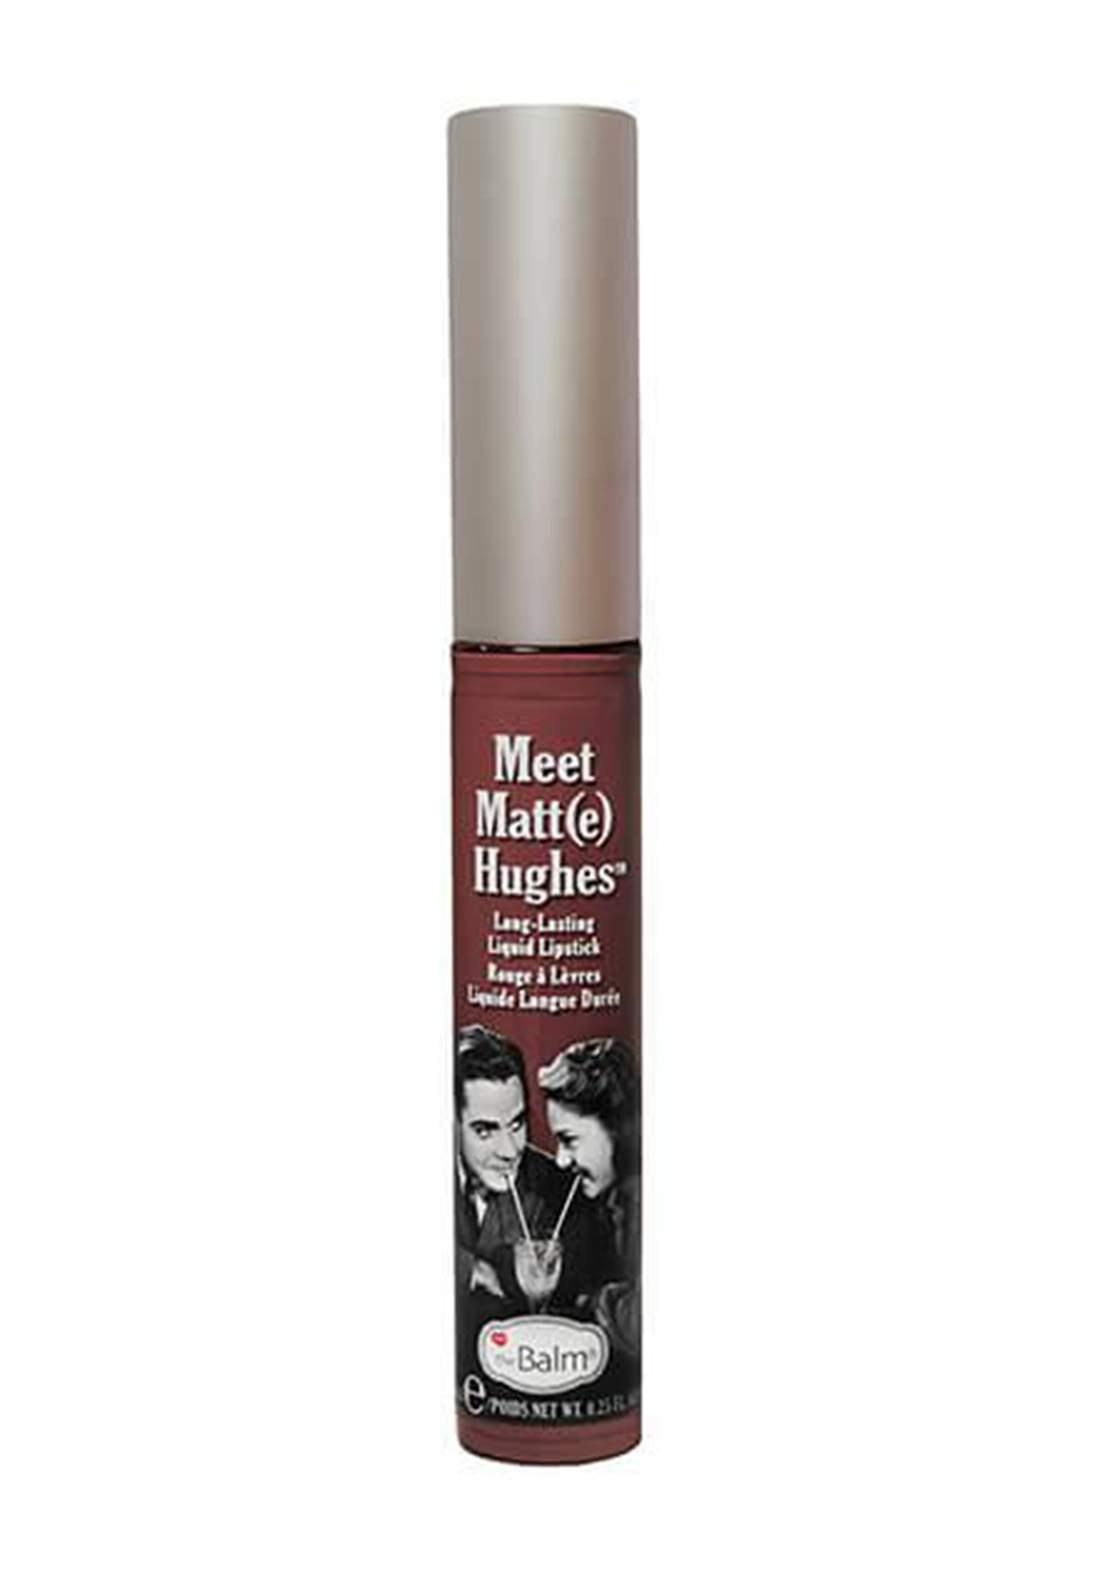 The Balm Meet Matt Hughes Lipstick Charming  احمر شفاه